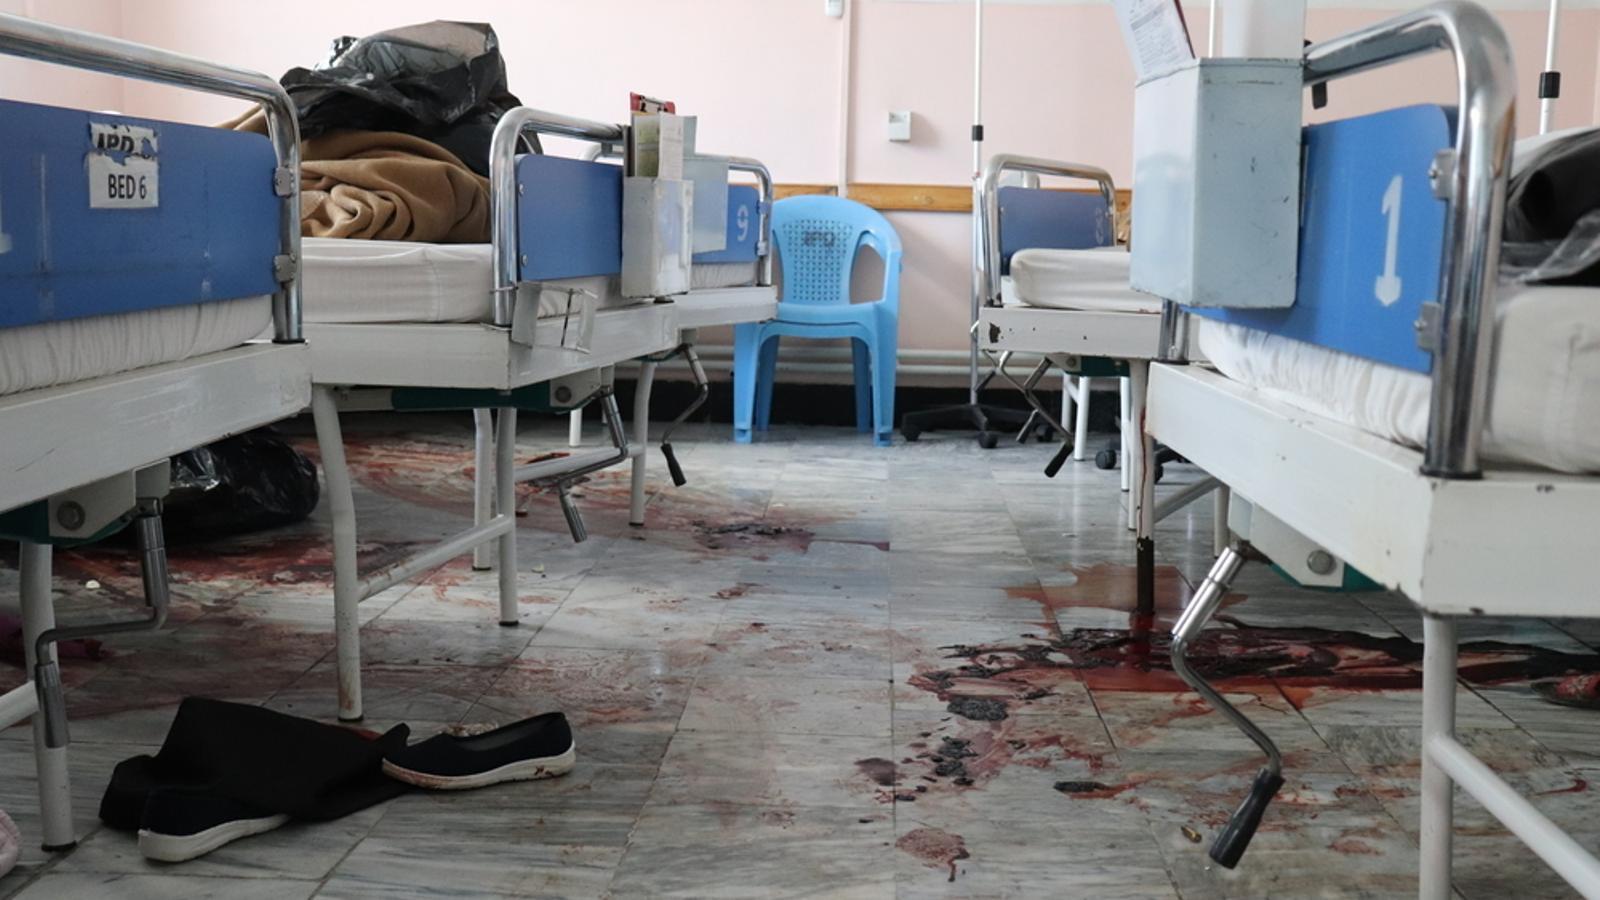 Sang en una habitació de la maternitat després de l'atac